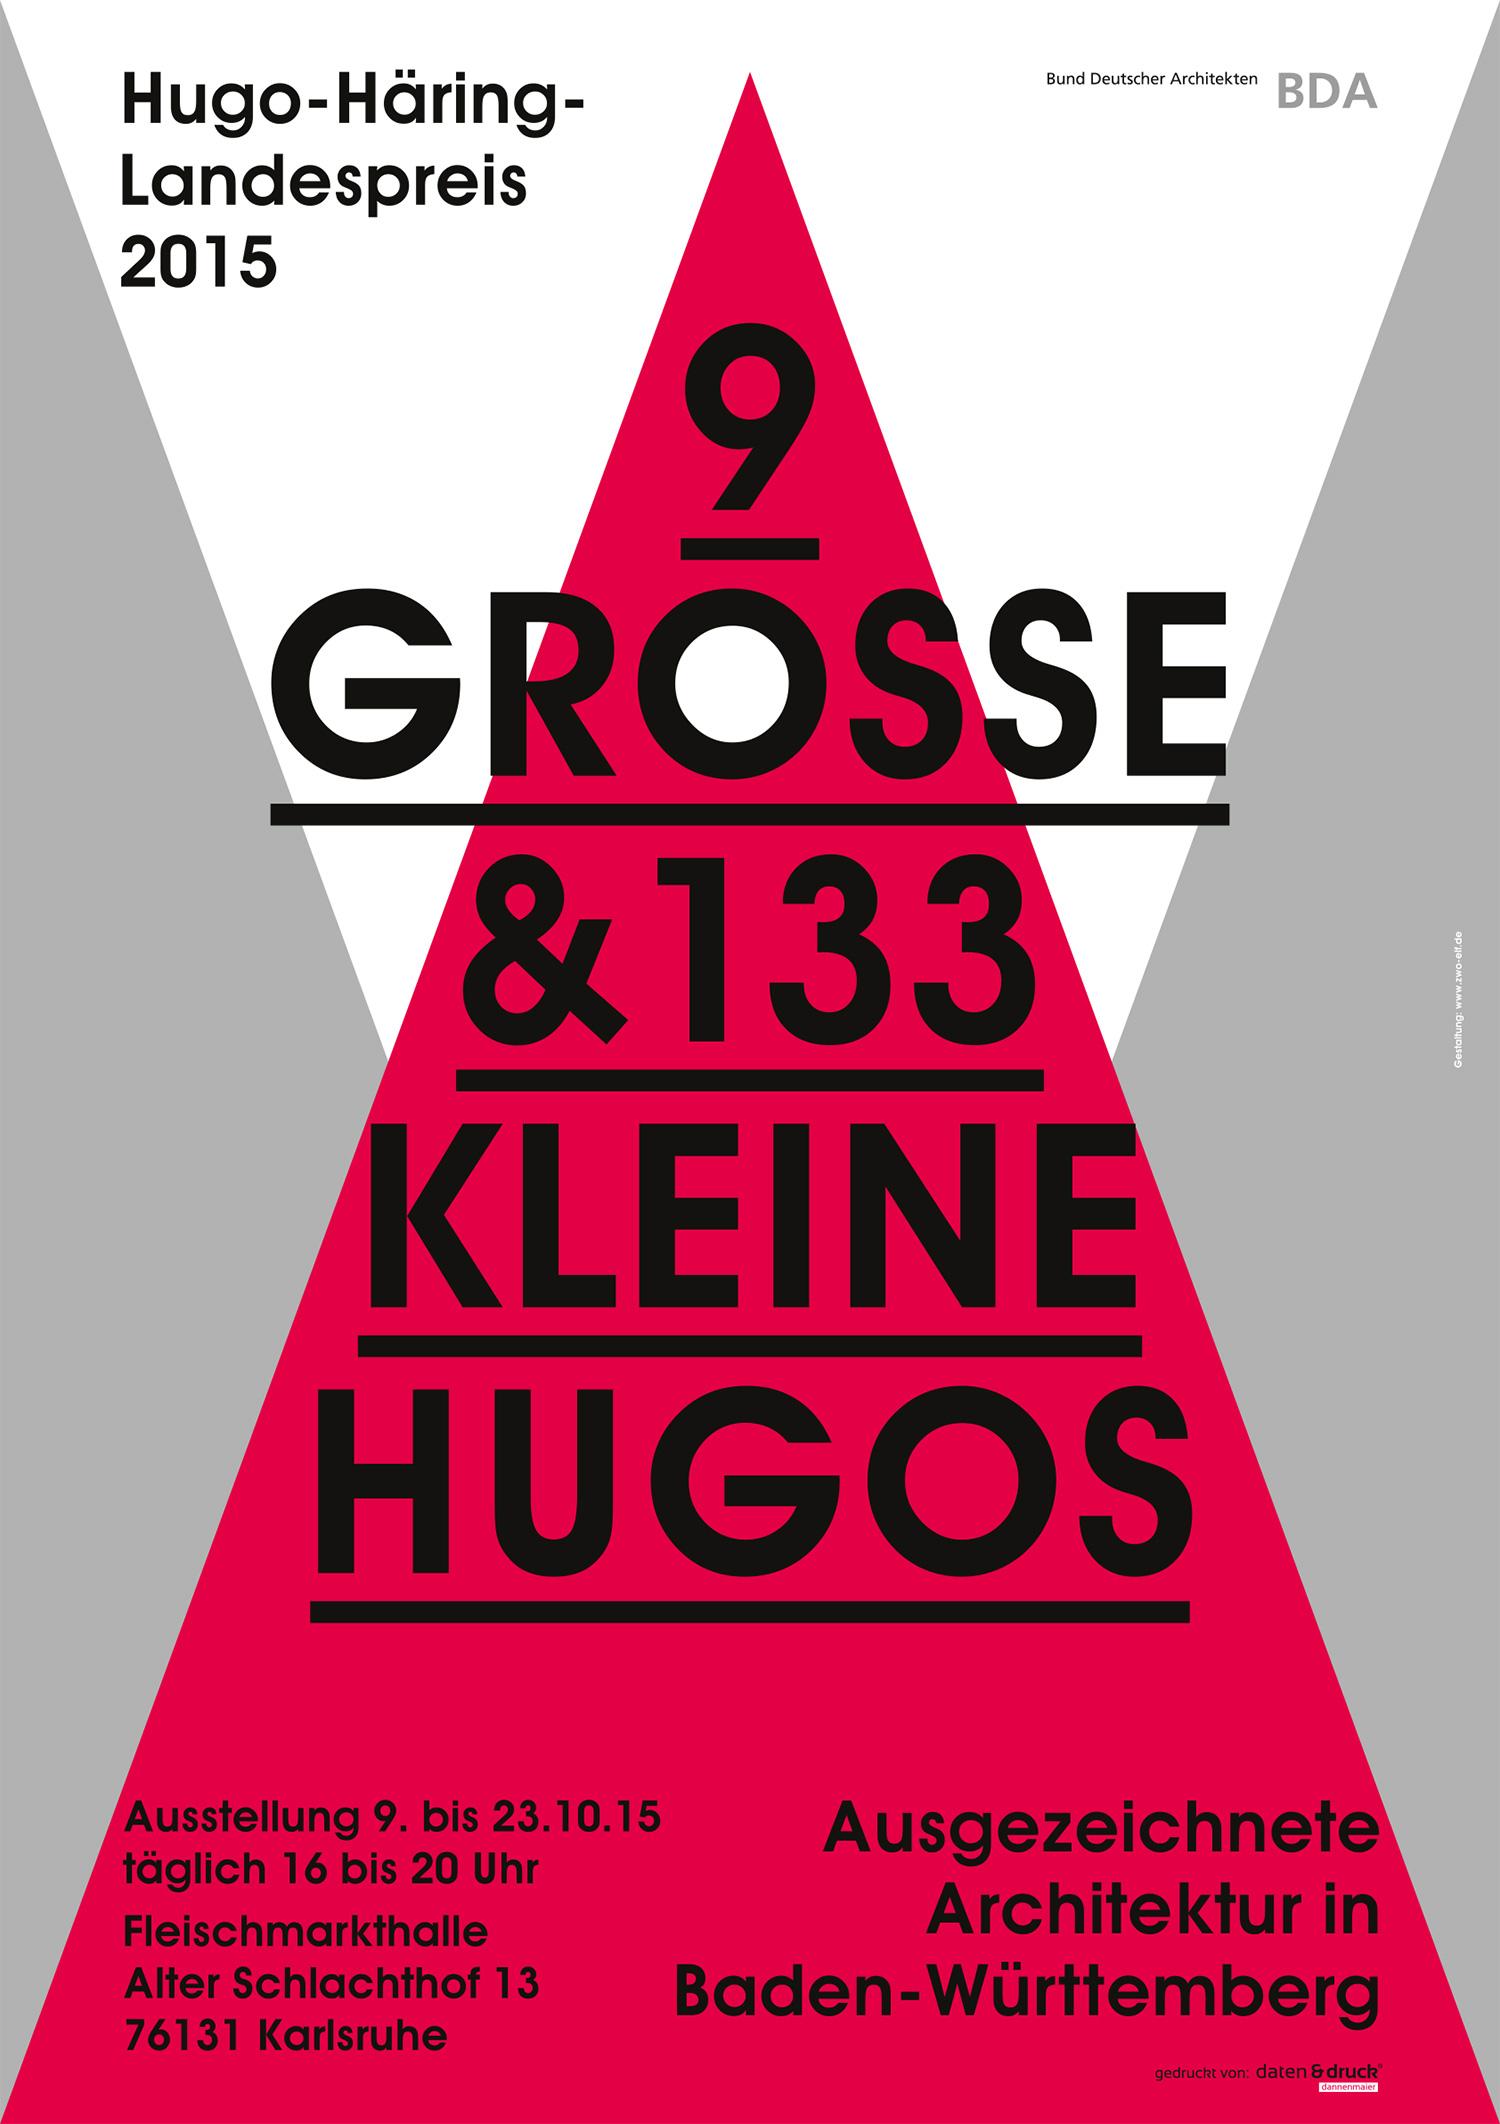 zwo-elf_Hugo-Haering-Plakat